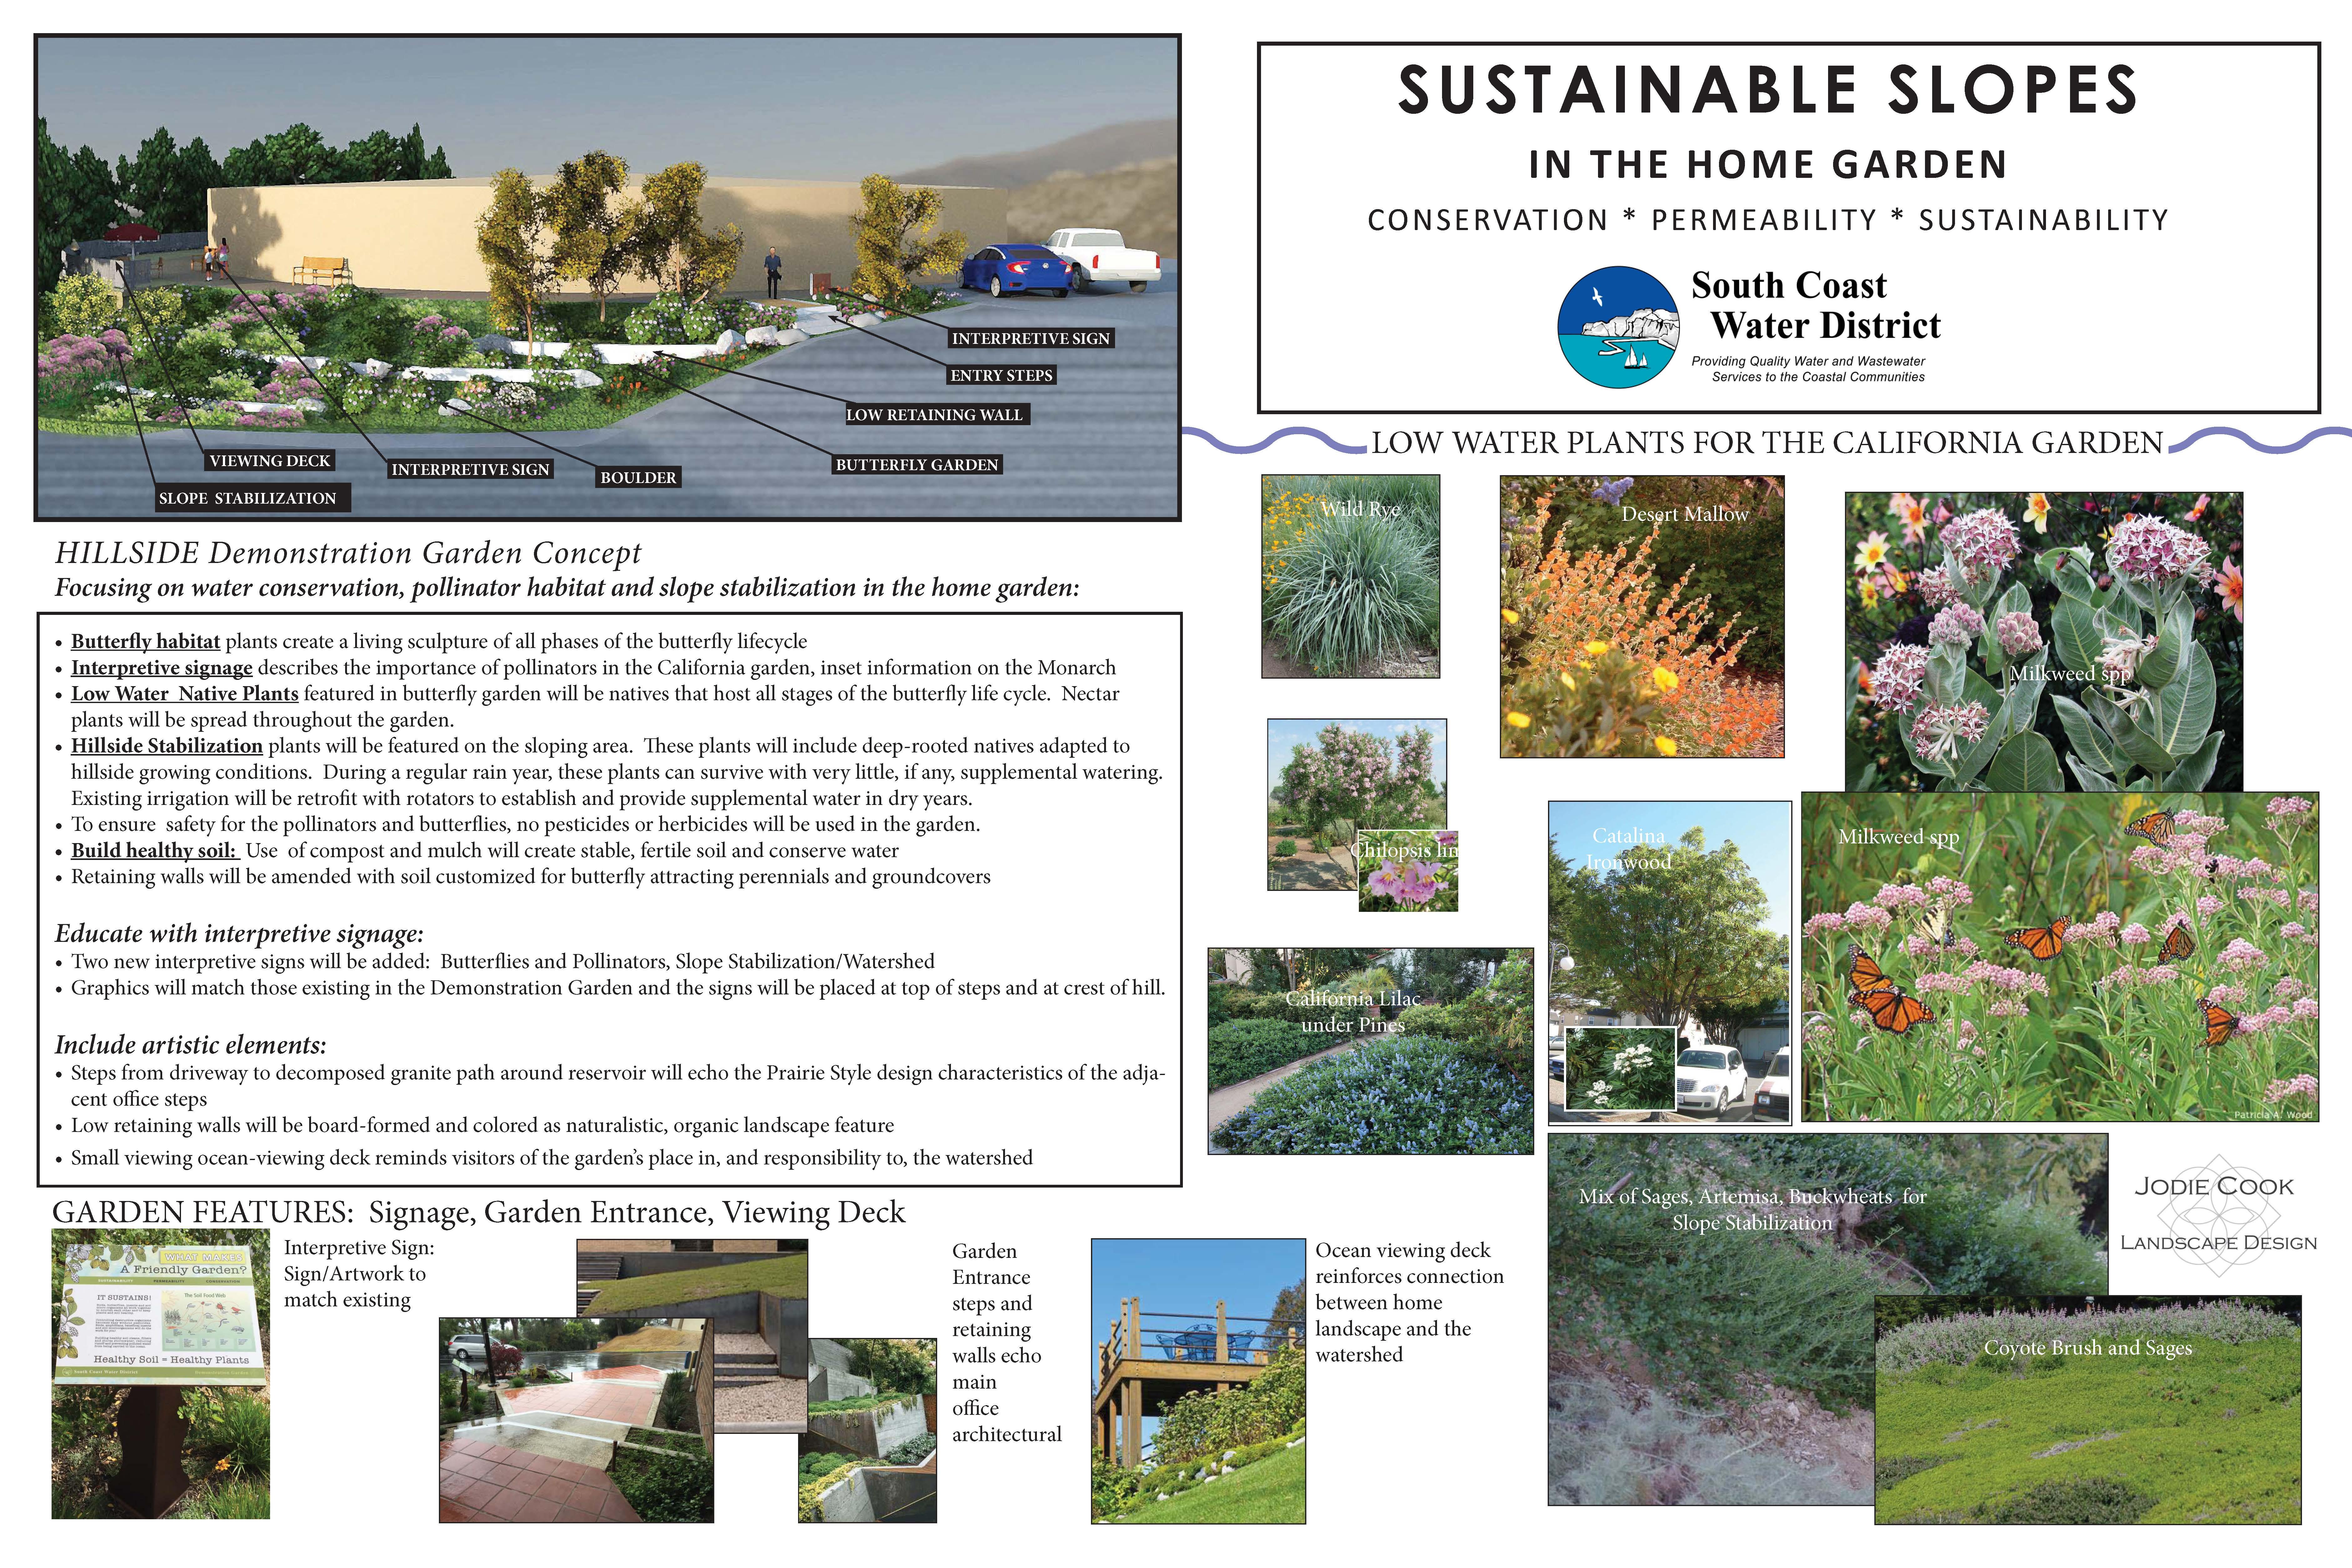 Jodie Cook Landscape Design Projects, Plans and Landscape